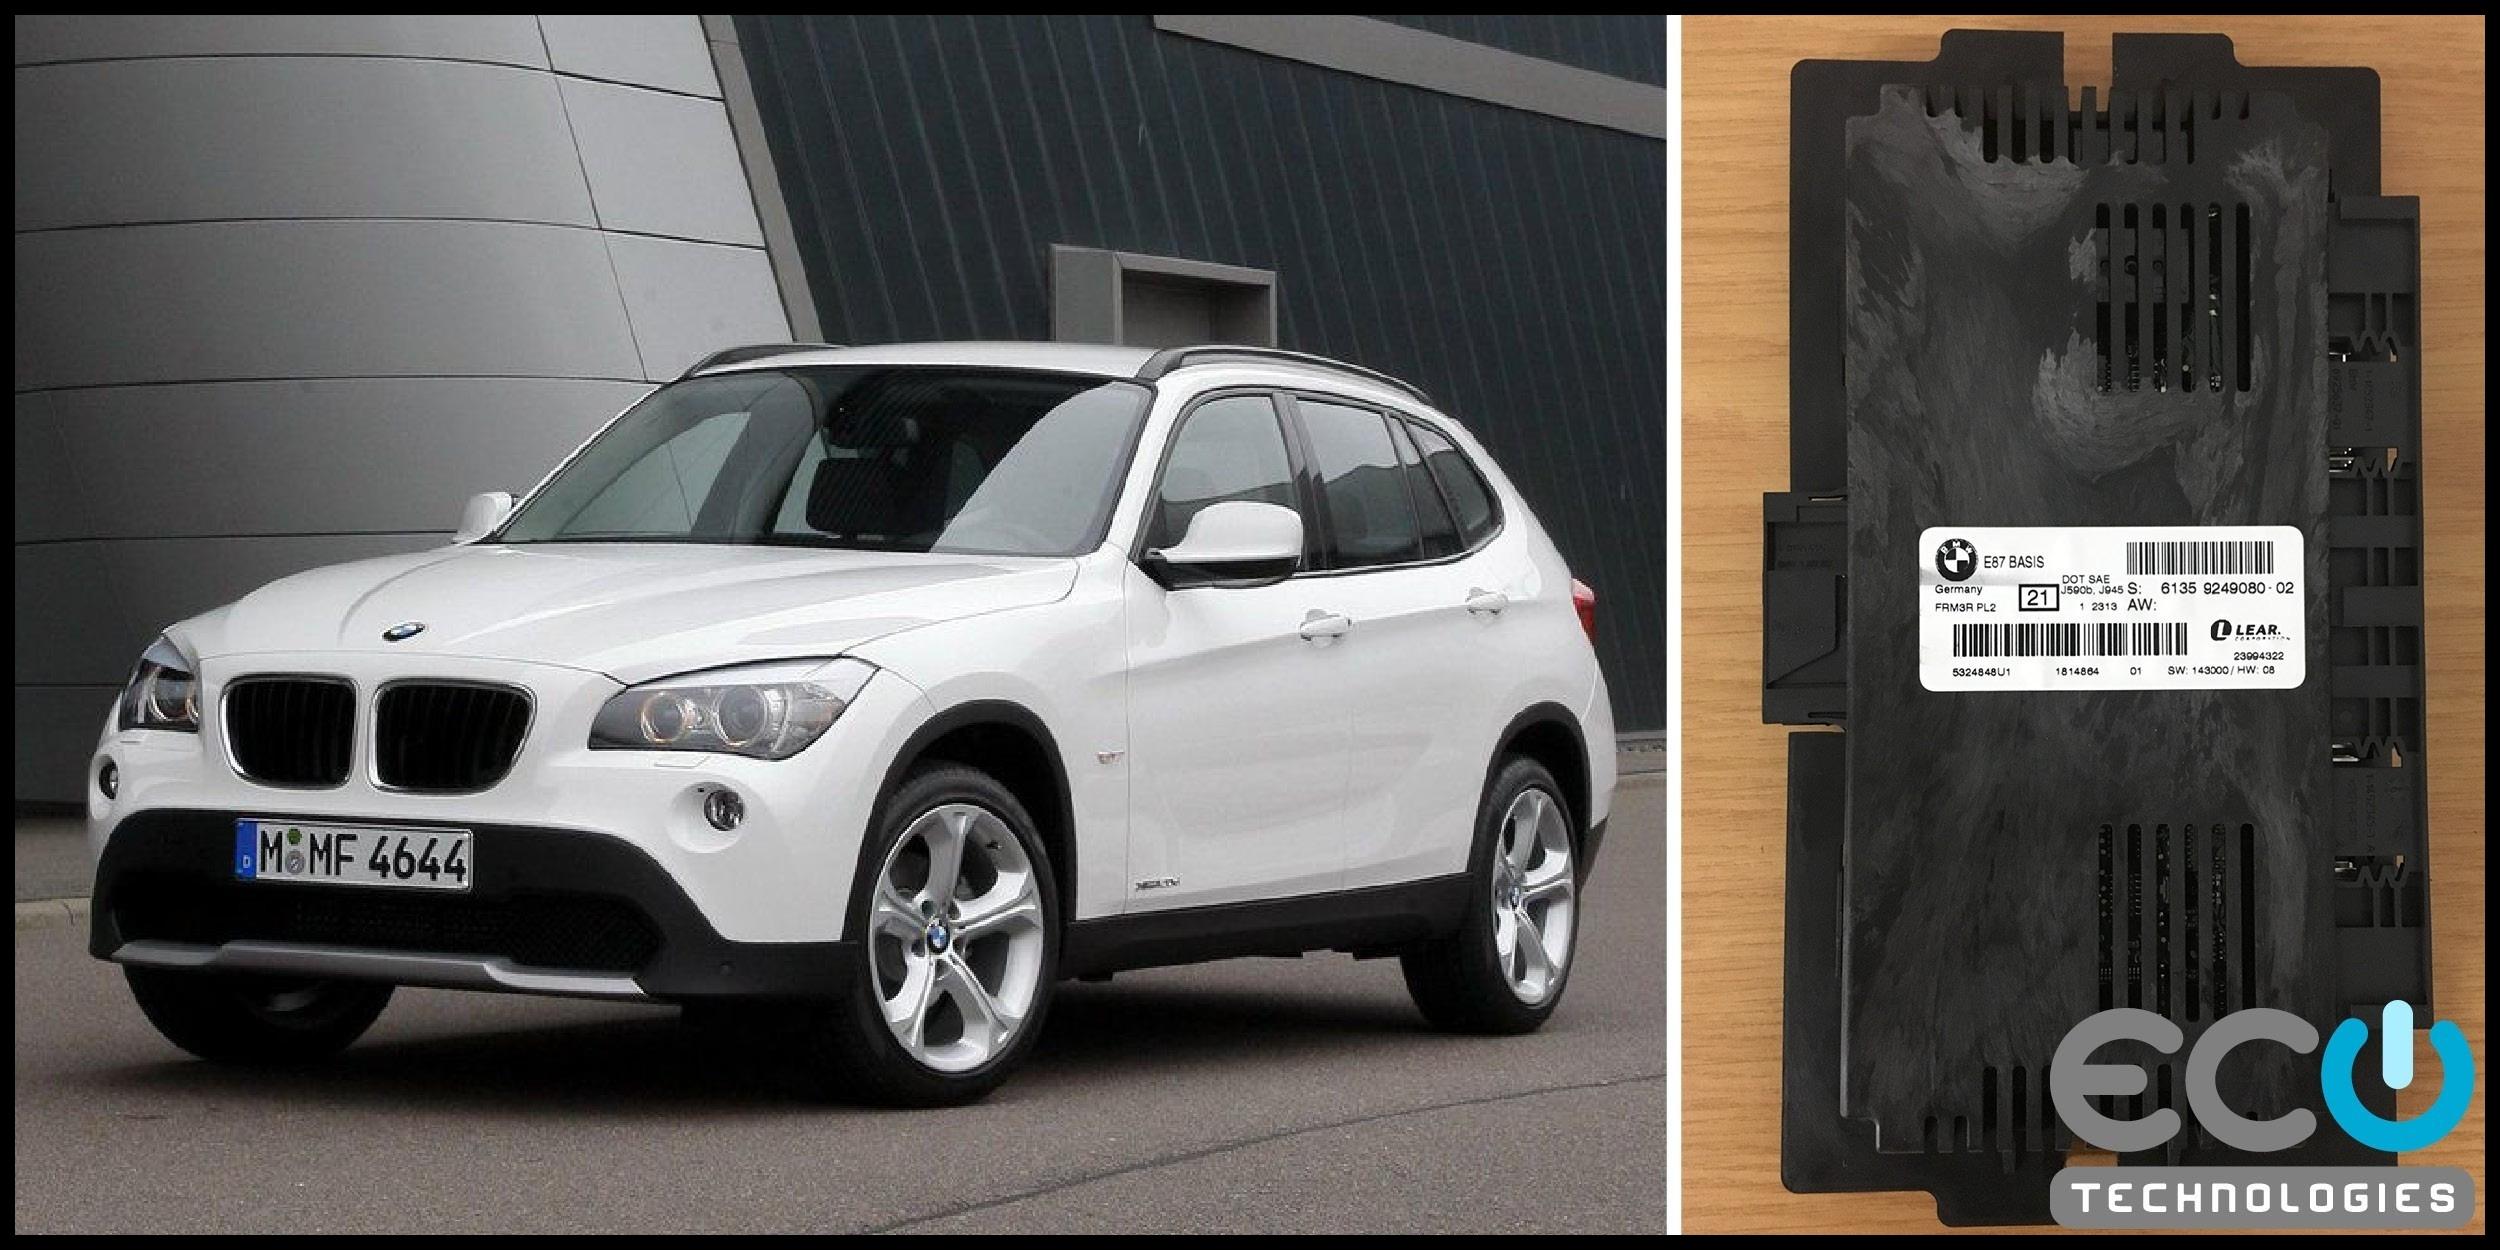 2019 Bmw X6 2019 Bmw X5 M Luxury Bmw X5 3 0d M Sport Automotive